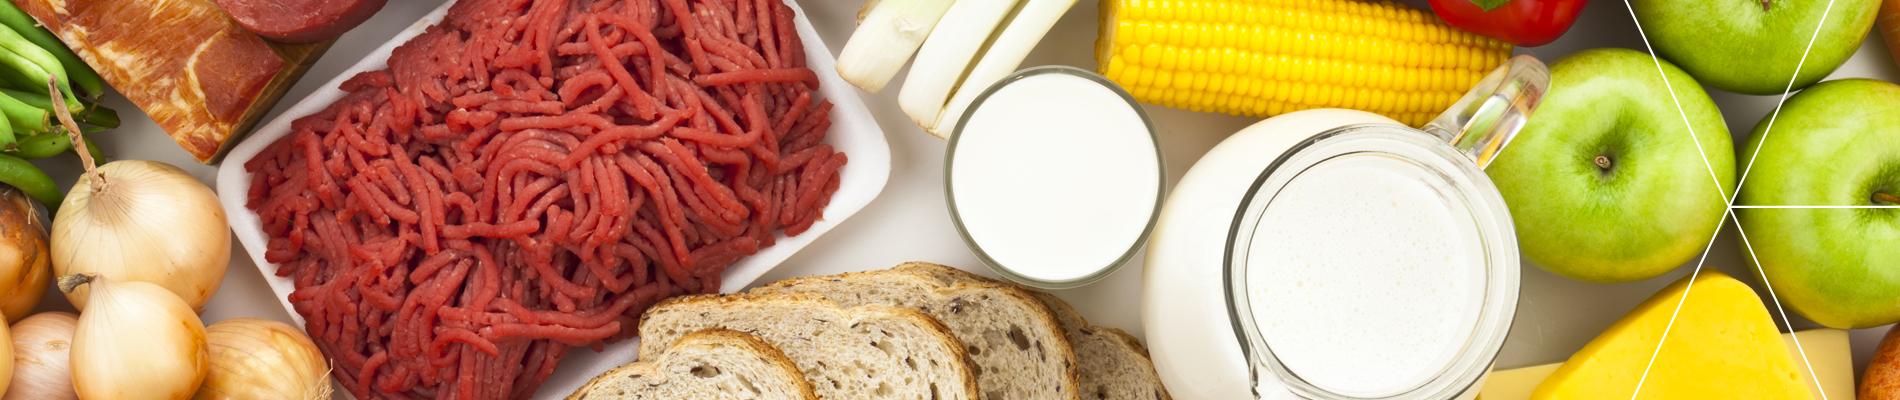 Alimenti - Servizi - Cia Lab - Analisi e Consulenza